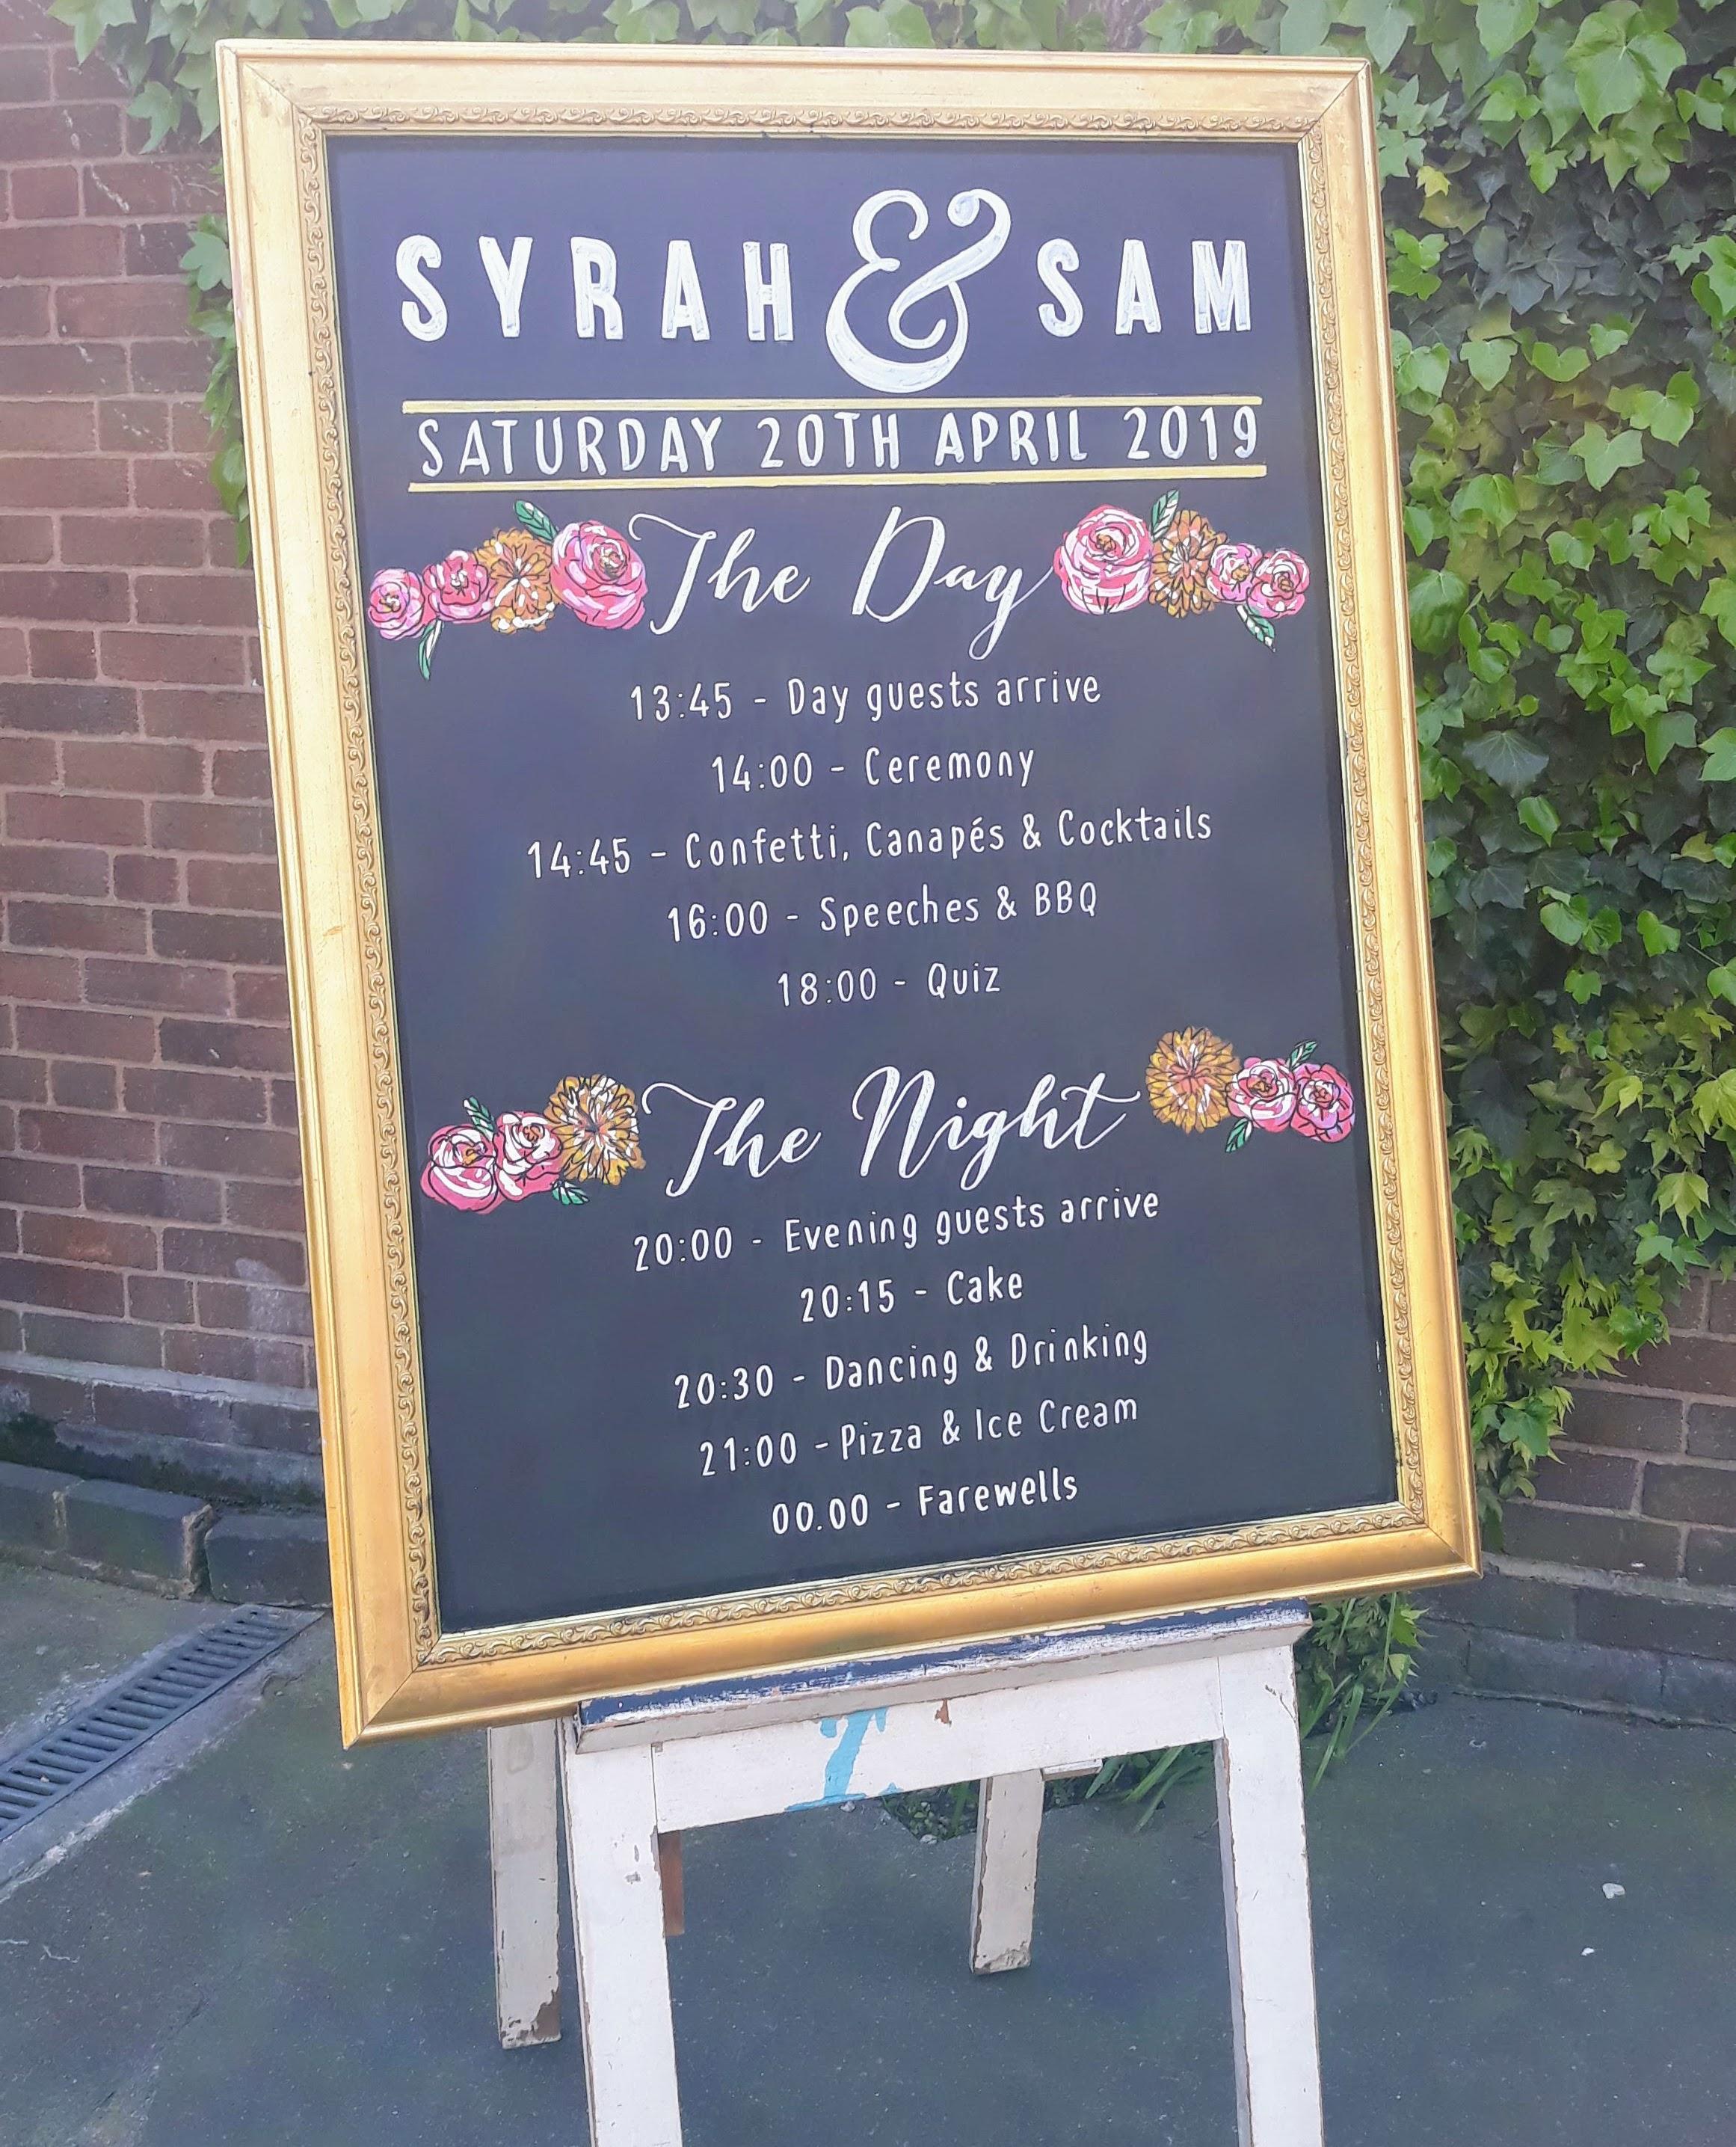 Syrah & Sam